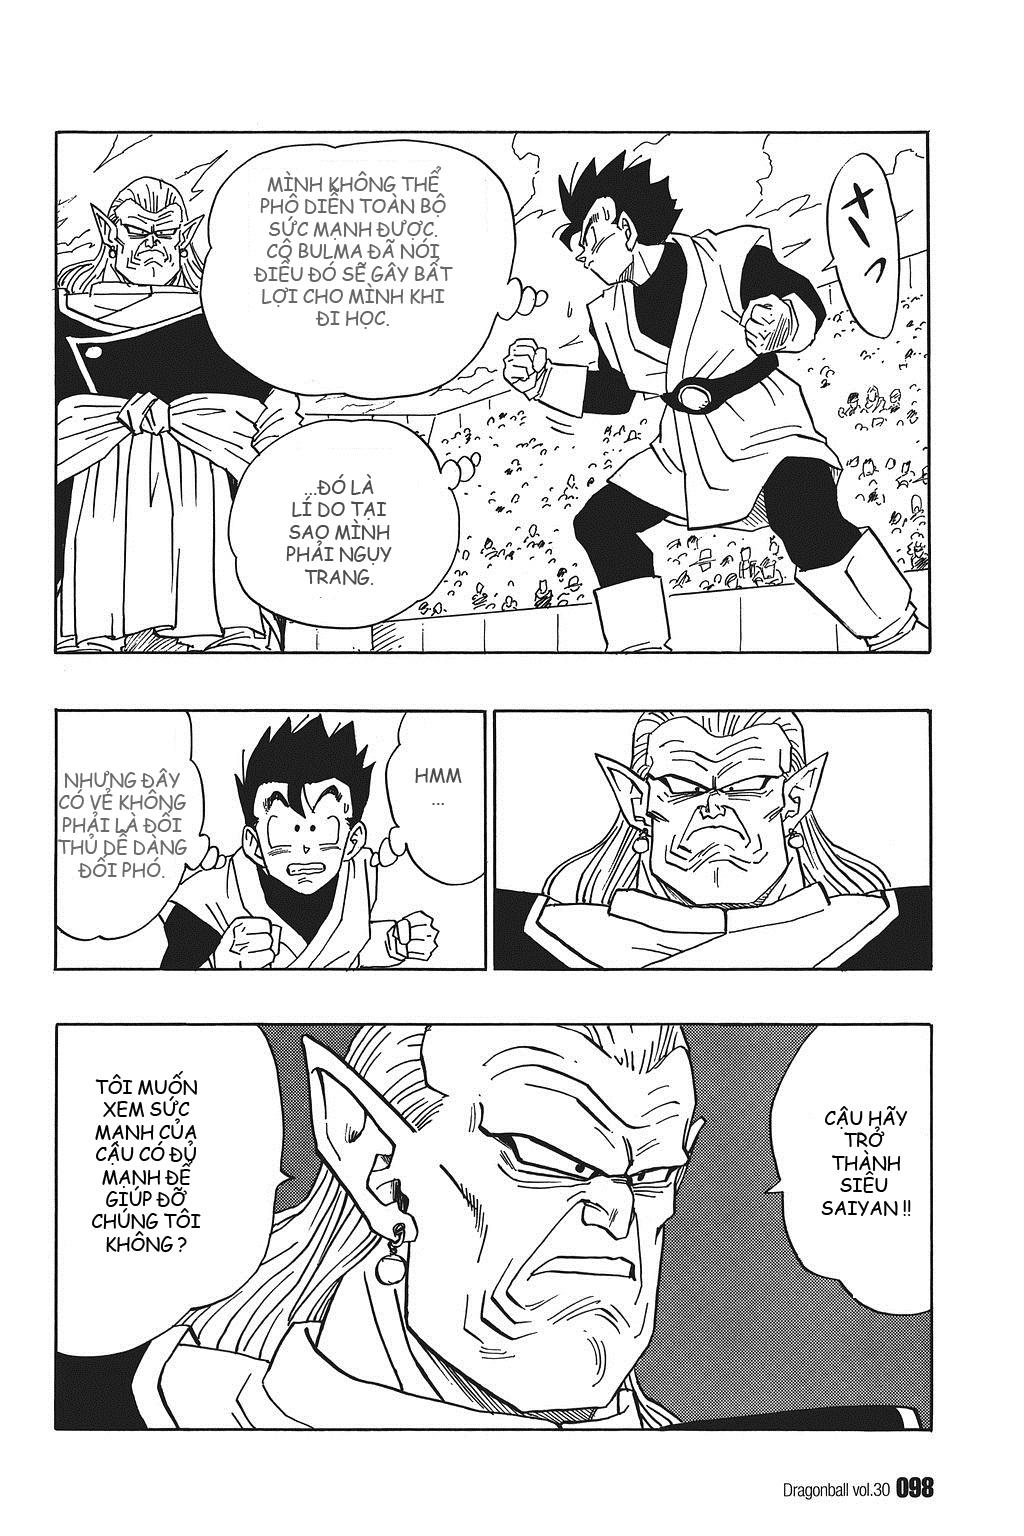 xem truyen moi - Dragon Ball Bản Vip - Bản Đẹp Nguyên Gốc Chap 443